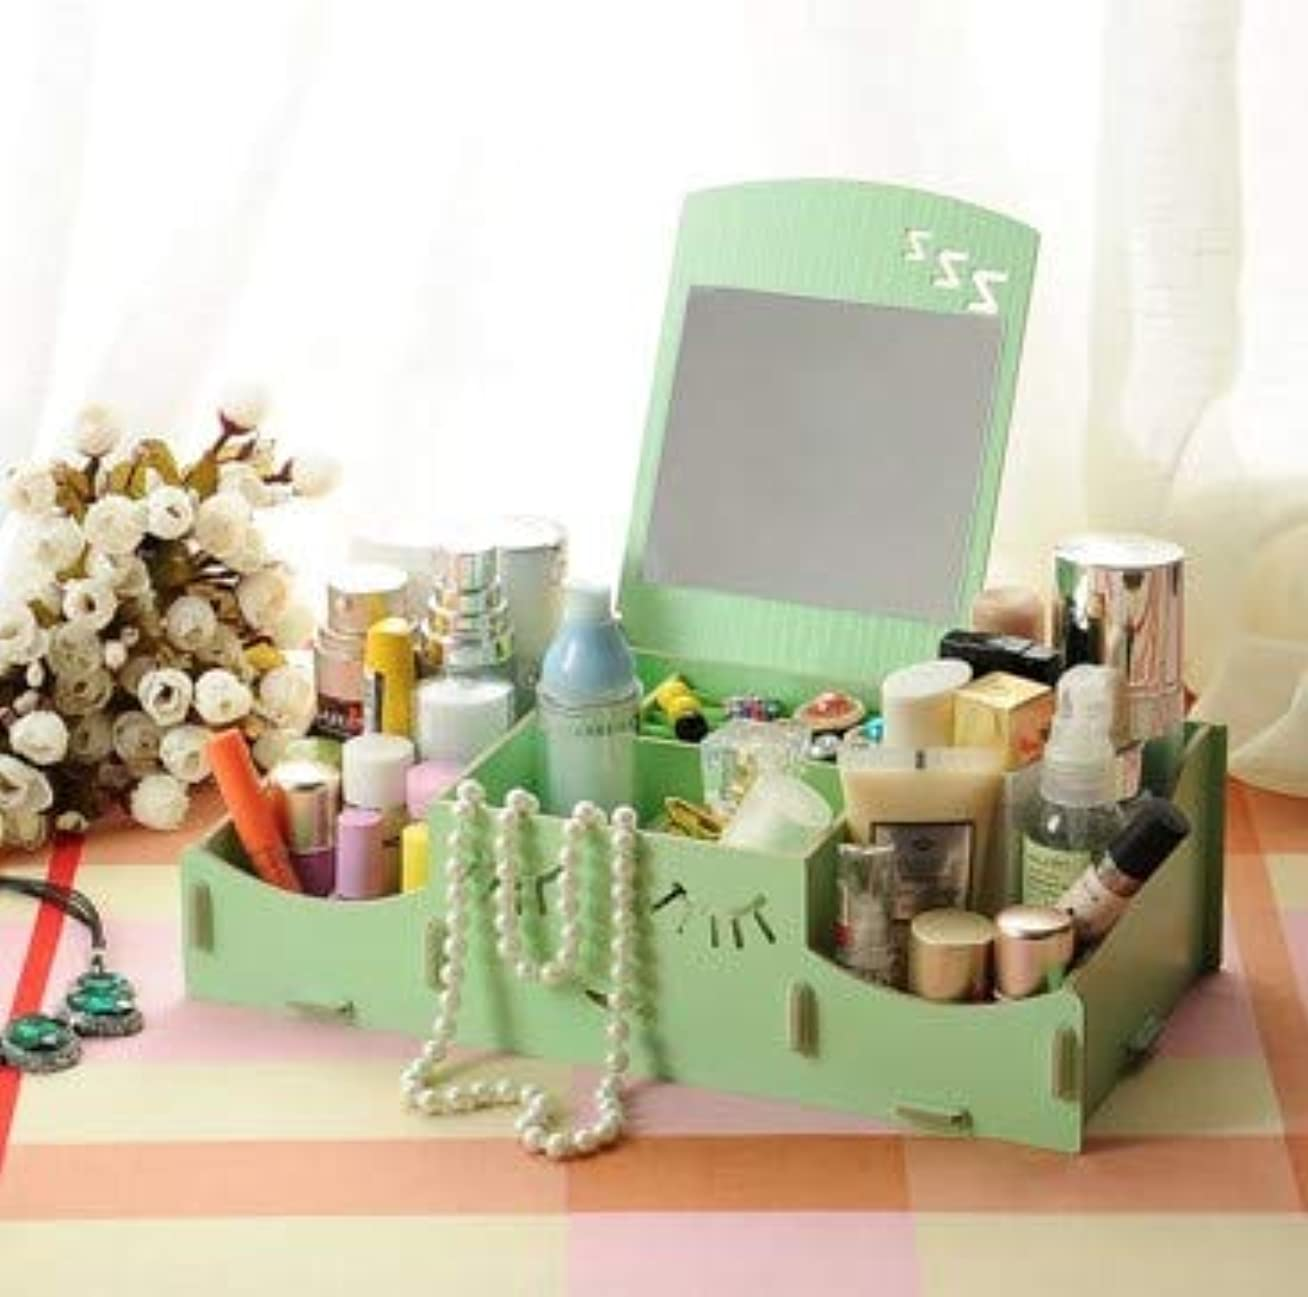 戦士シャンパン印象的なスマイリー木製クリエイティブ収納ボックス手作りデスクトップミラー化粧品収納ボックス化粧品収納ボックス (Color : グリンー)